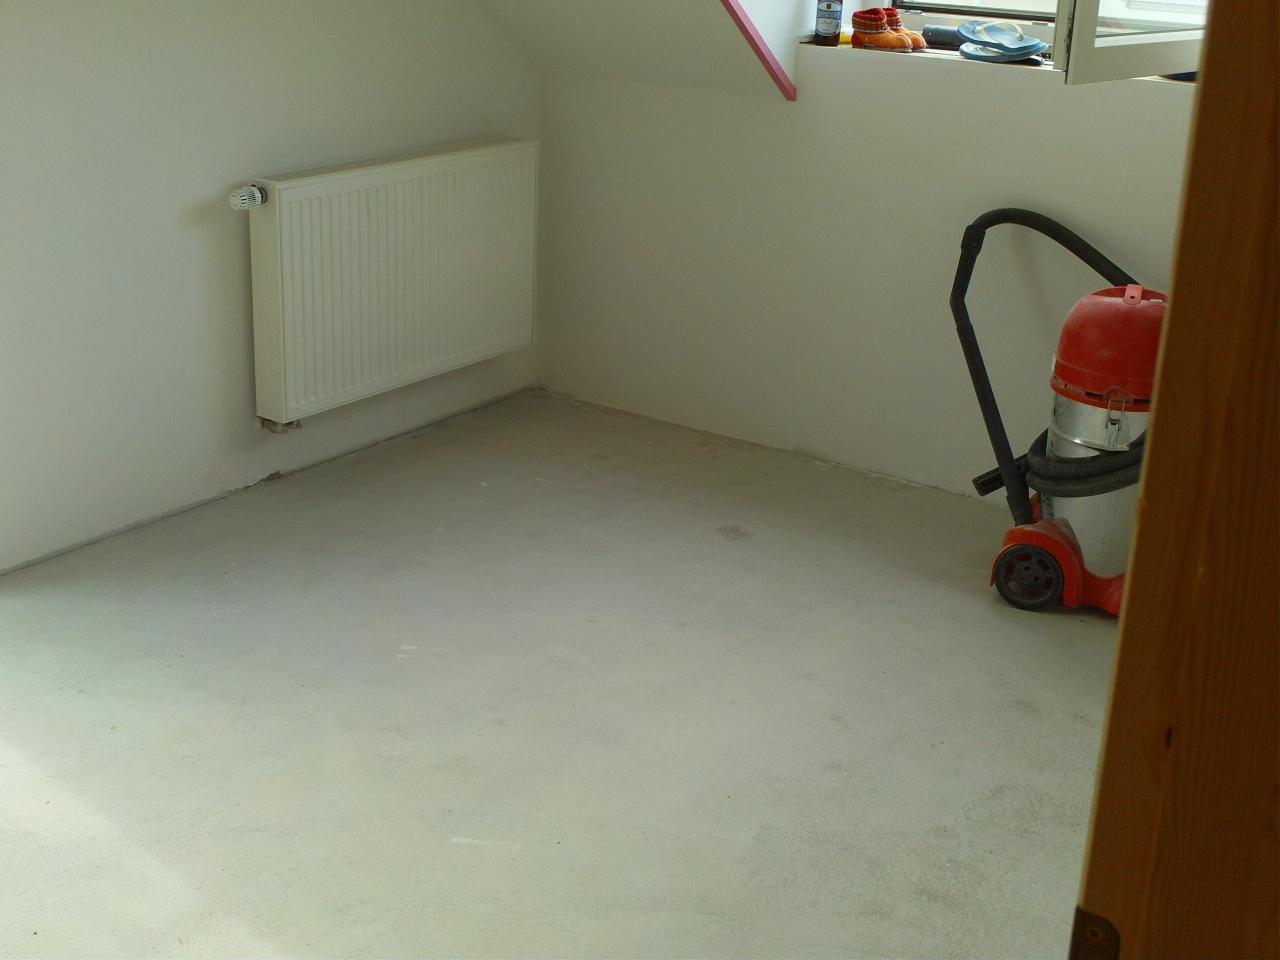 Fußboden Verlegen Verschnitt ~ Laminat diagonal verlegen bauanleitung zum selberbauen do